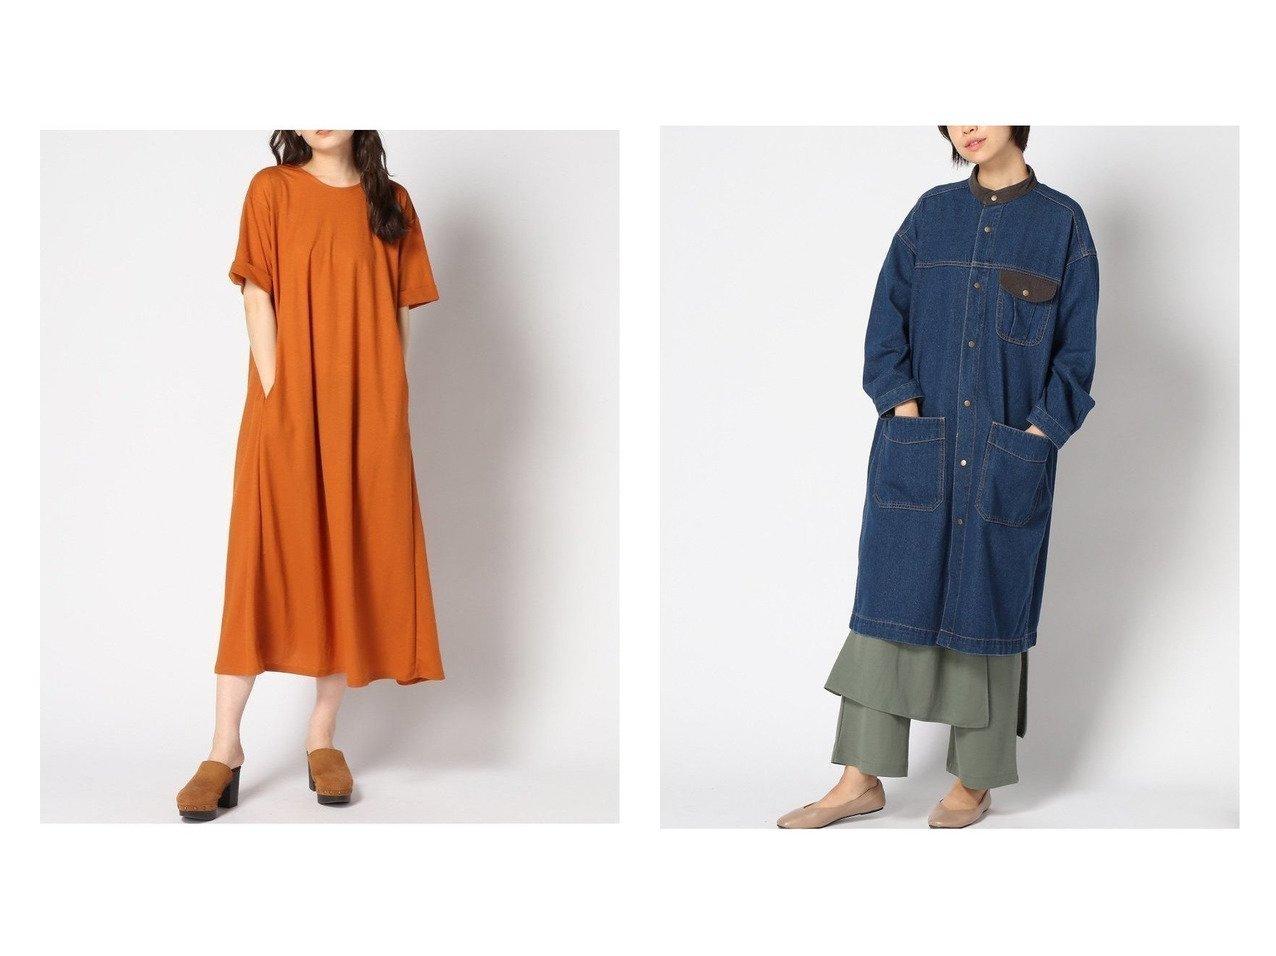 【niko and…/ニコアンド】のSTANDネックWORKコート&AラインユルキレイカットOP おすすめ!人気、トレンド・レディースファッションの通販 おすすめで人気の流行・トレンド、ファッションの通販商品 インテリア・家具・メンズファッション・キッズファッション・レディースファッション・服の通販 founy(ファニー) https://founy.com/ ファッション Fashion レディースファッション WOMEN ワンピース Dress アウター Coat Outerwear コート Coats ジャケット Jackets デニムジャケット Denim Jackets NEW・新作・新着・新入荷 New Arrivals アクセサリー インナー シンプル ロング 半袖 おすすめ Recommend ジャケット スタンド セットアップ デニム |ID:crp329100000061928